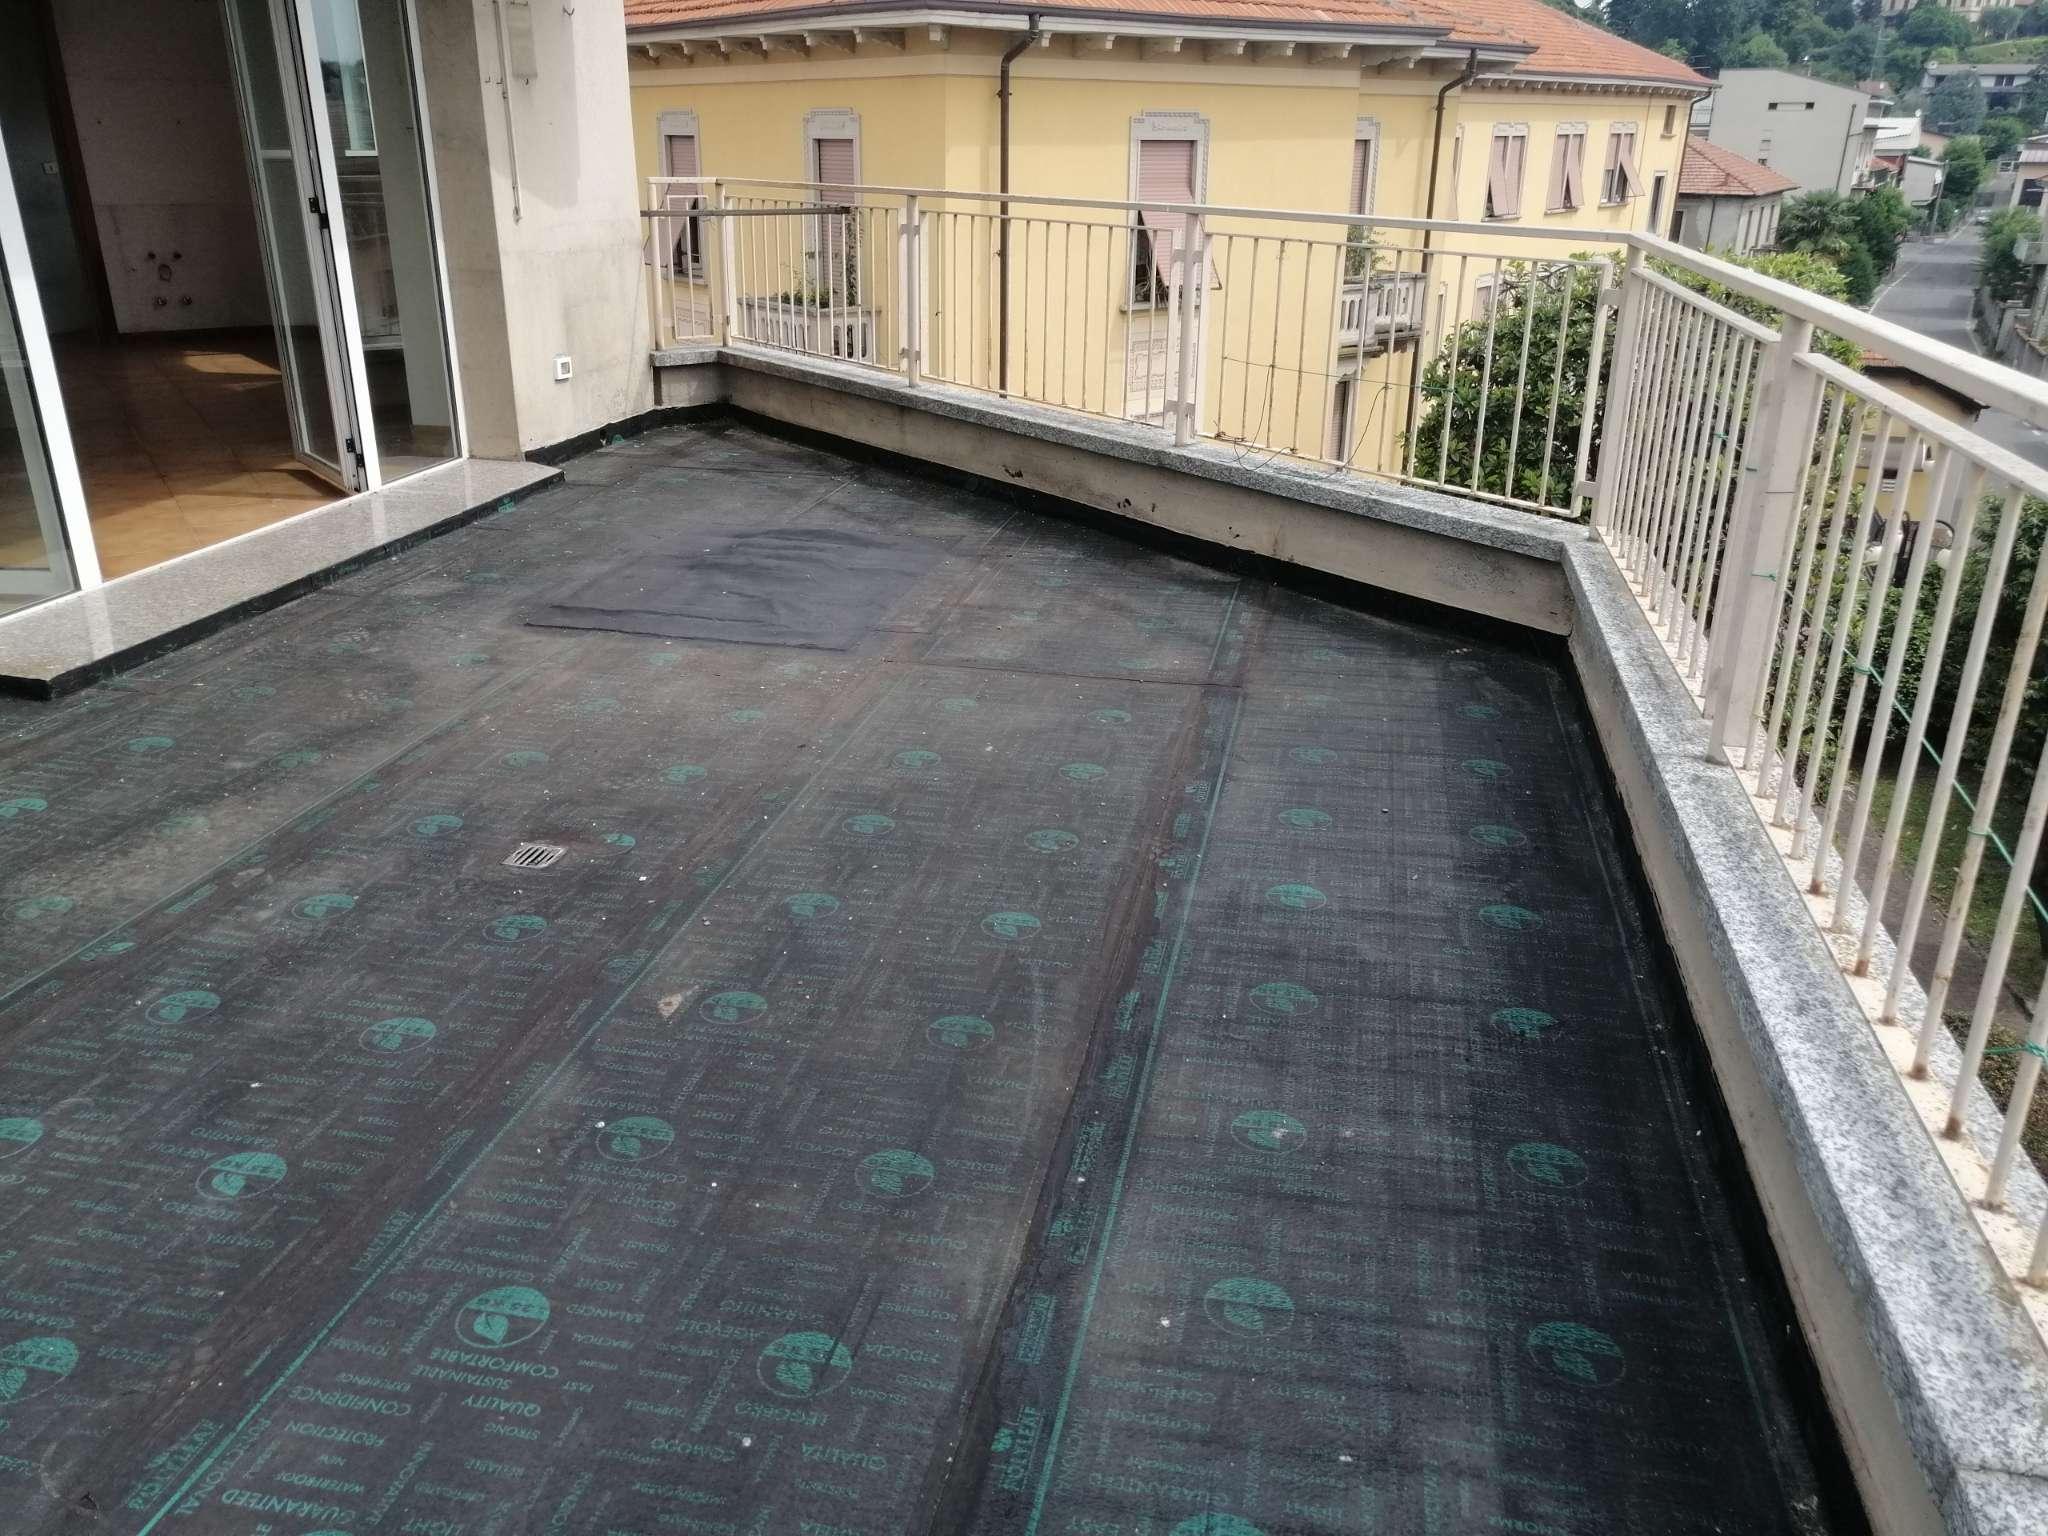 Attico / Mansarda in vendita a Cantù, 3 locali, prezzo € 138.000 | PortaleAgenzieImmobiliari.it